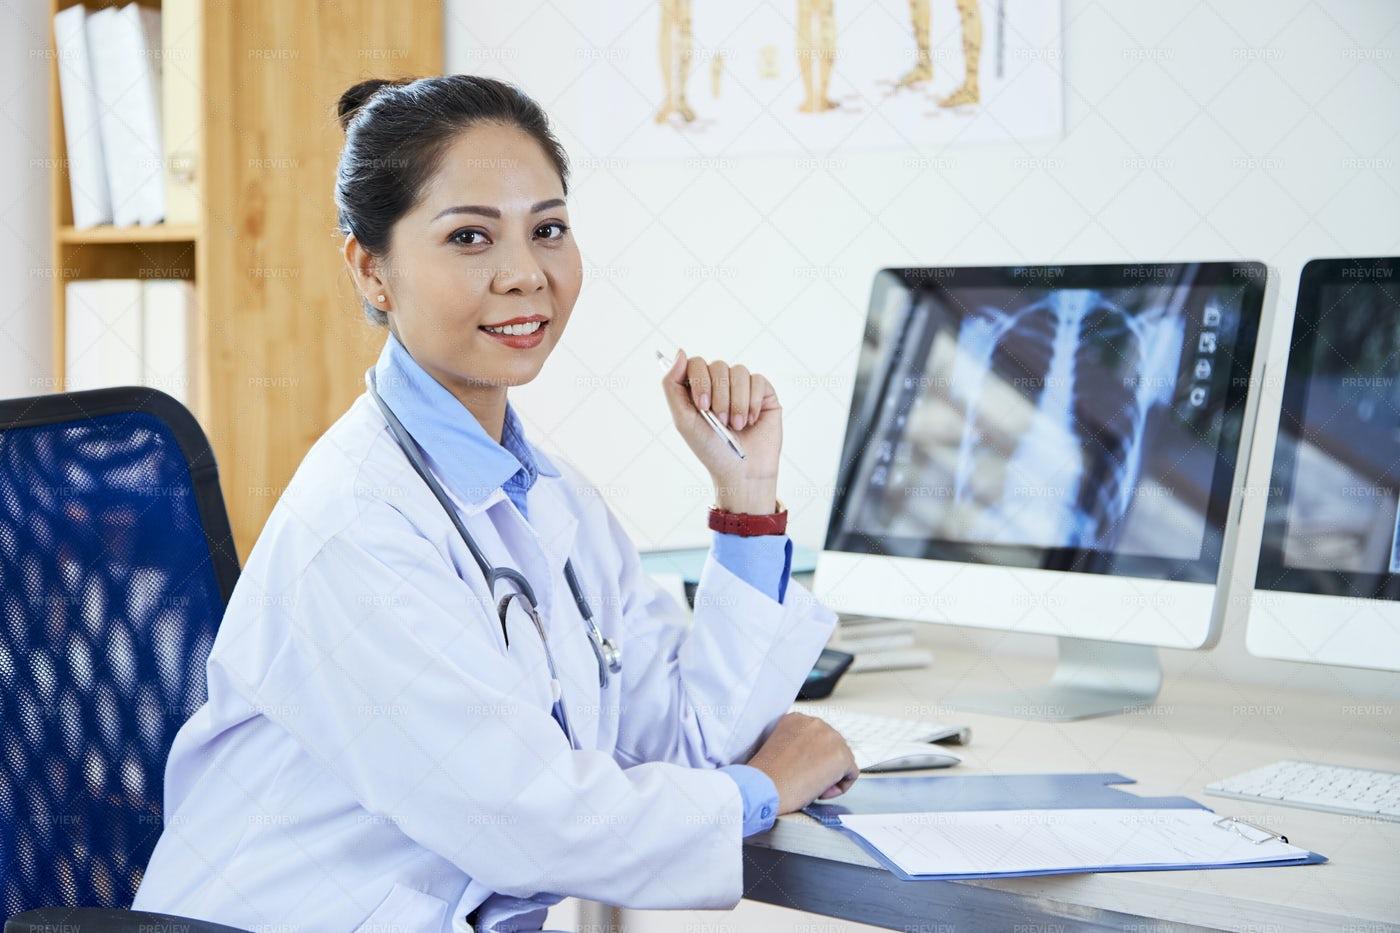 Asian Medical Professional At Work: Stock Photos